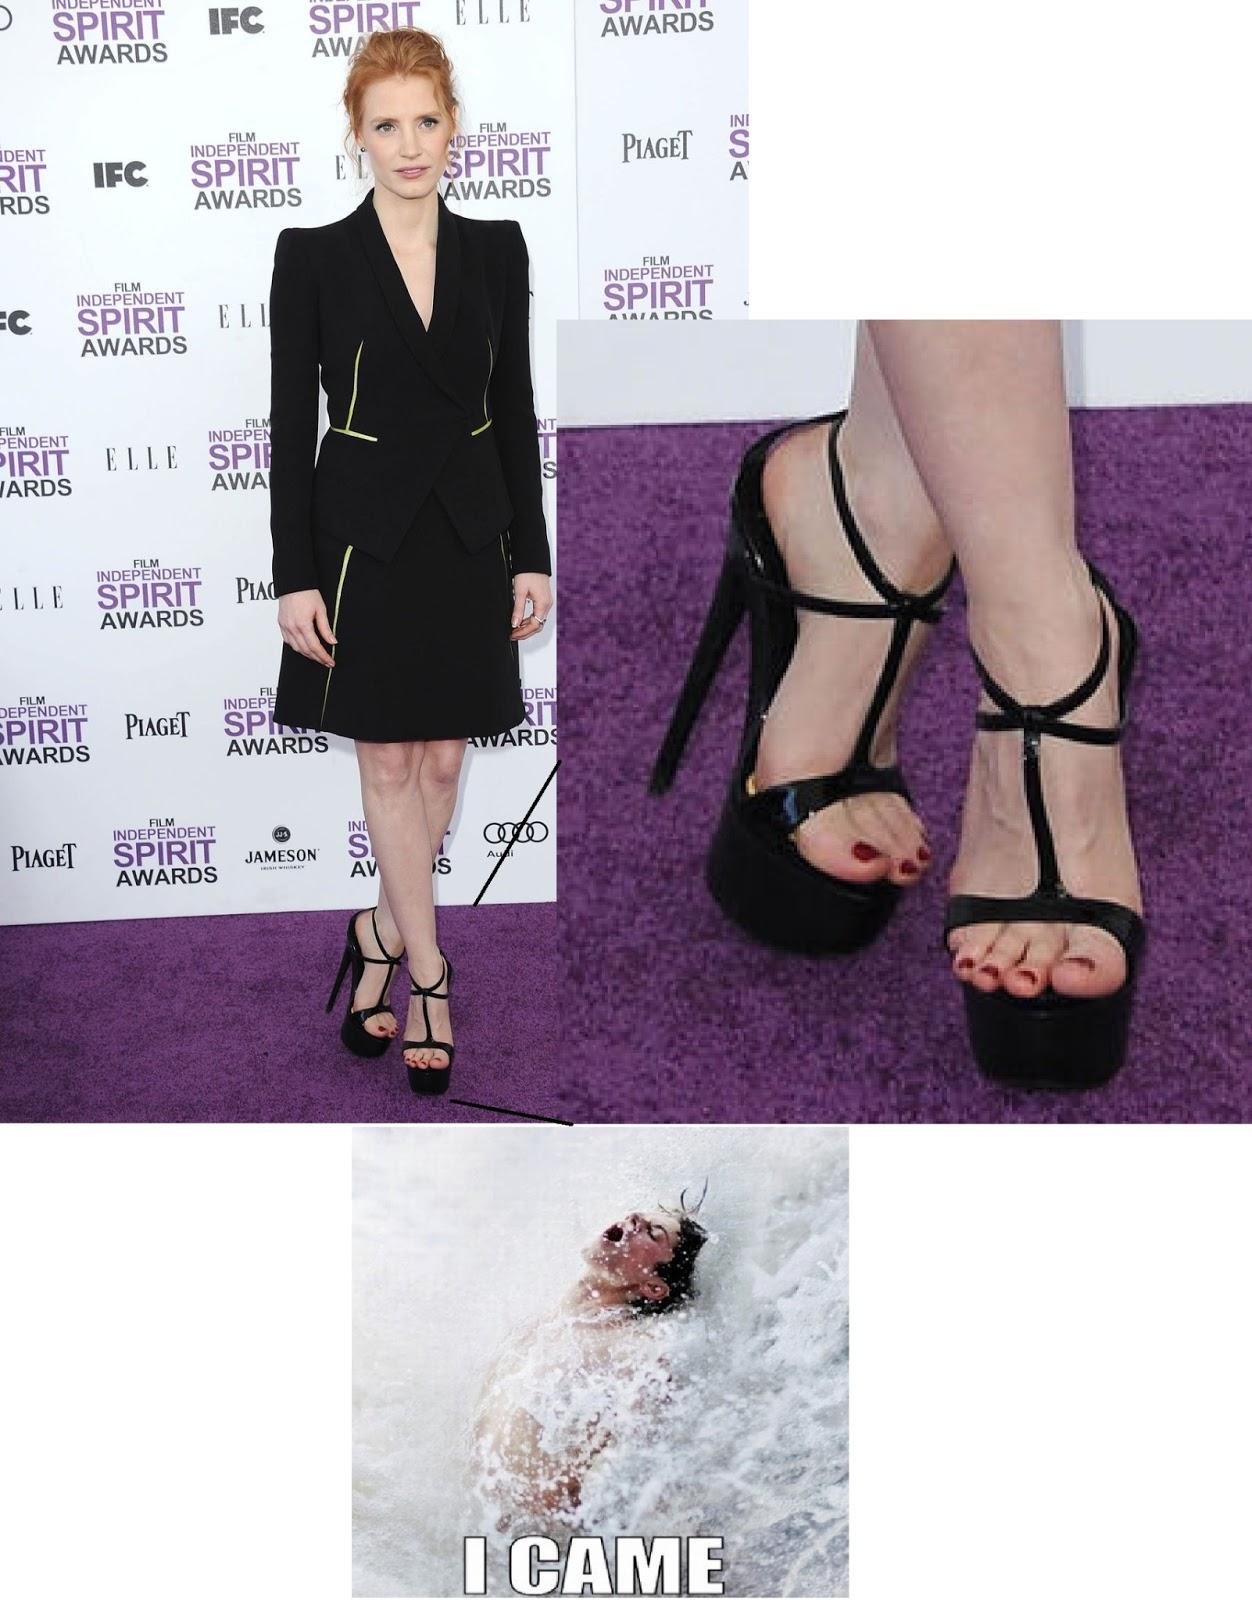 http://1.bp.blogspot.com/-Utat2D7G0YQ/USV1O3UBtTI/AAAAAAAABow/vk7NBkWPw84/s1600/Jessica_Chastain_Feet.jpg